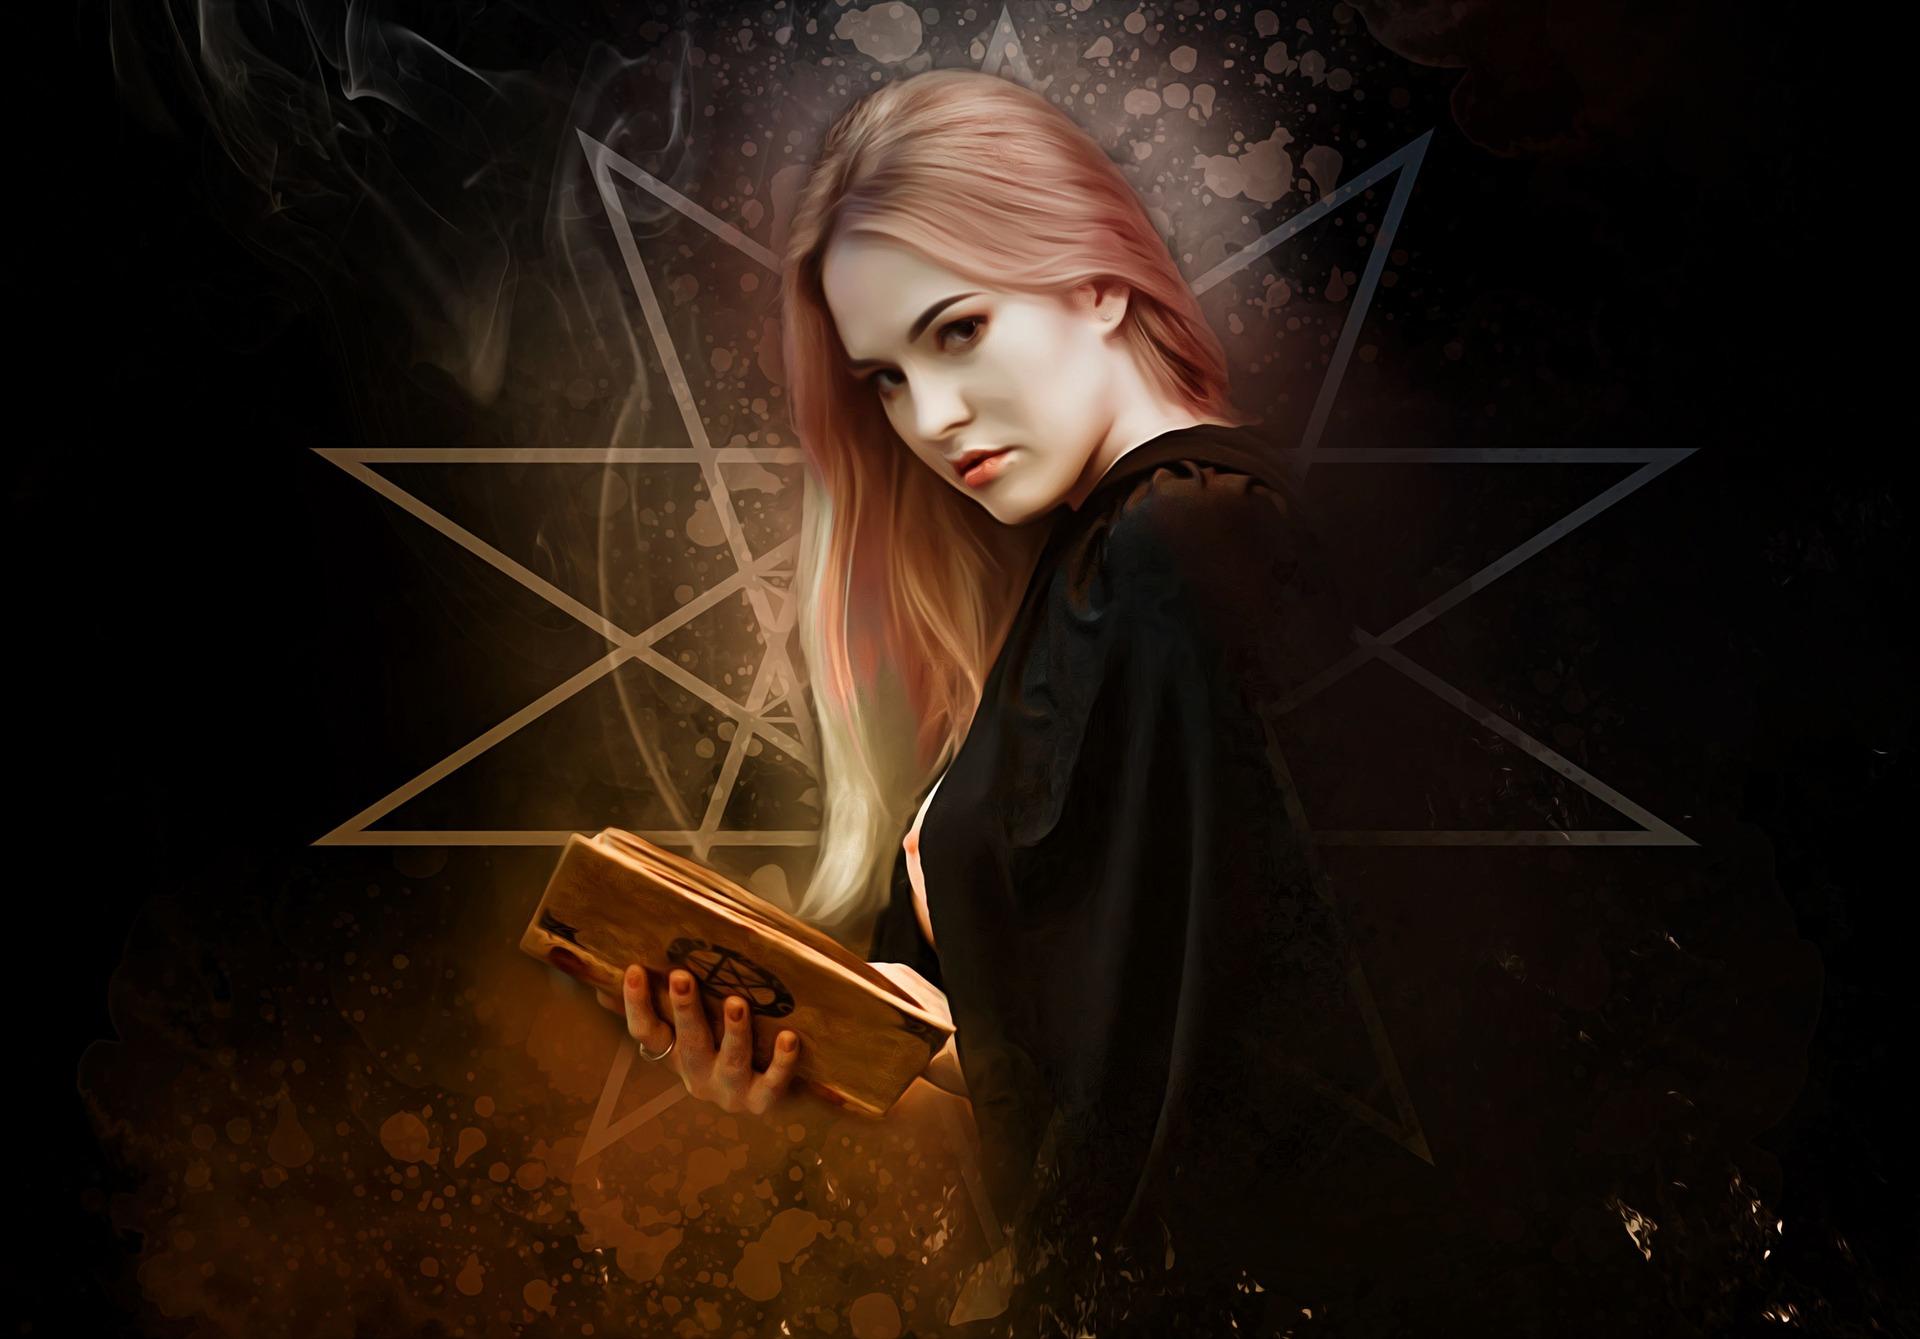 چگونه جادوگرشویم؟آموزش جادوکردن به همراه وردها جادوگری ورد جادوگری برای پرواز واقعی چگونه جادوگری یاد بگیریم سریال جادو رو اضافه کن01 آموزش جادوگری پرواز واقعی چطور می توانیم جادوگر شویم ورد های جادوگری واقعی با دست چگونه جادوگری را یاد بگیریم